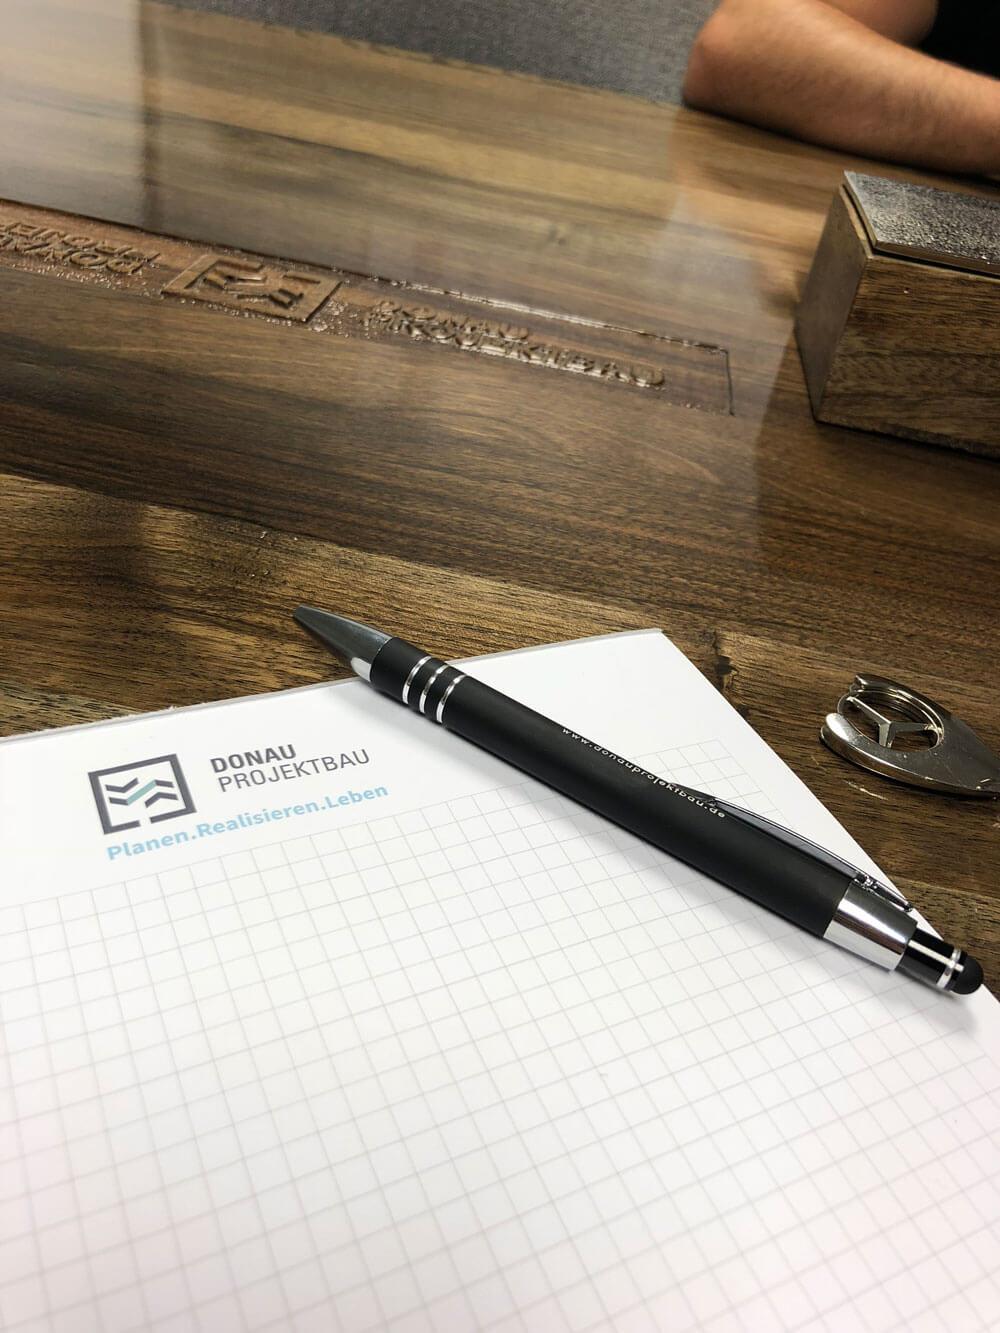 Block mit Logo von Donau Projektbau auf dem Holztisch im Besprechungszimmer.